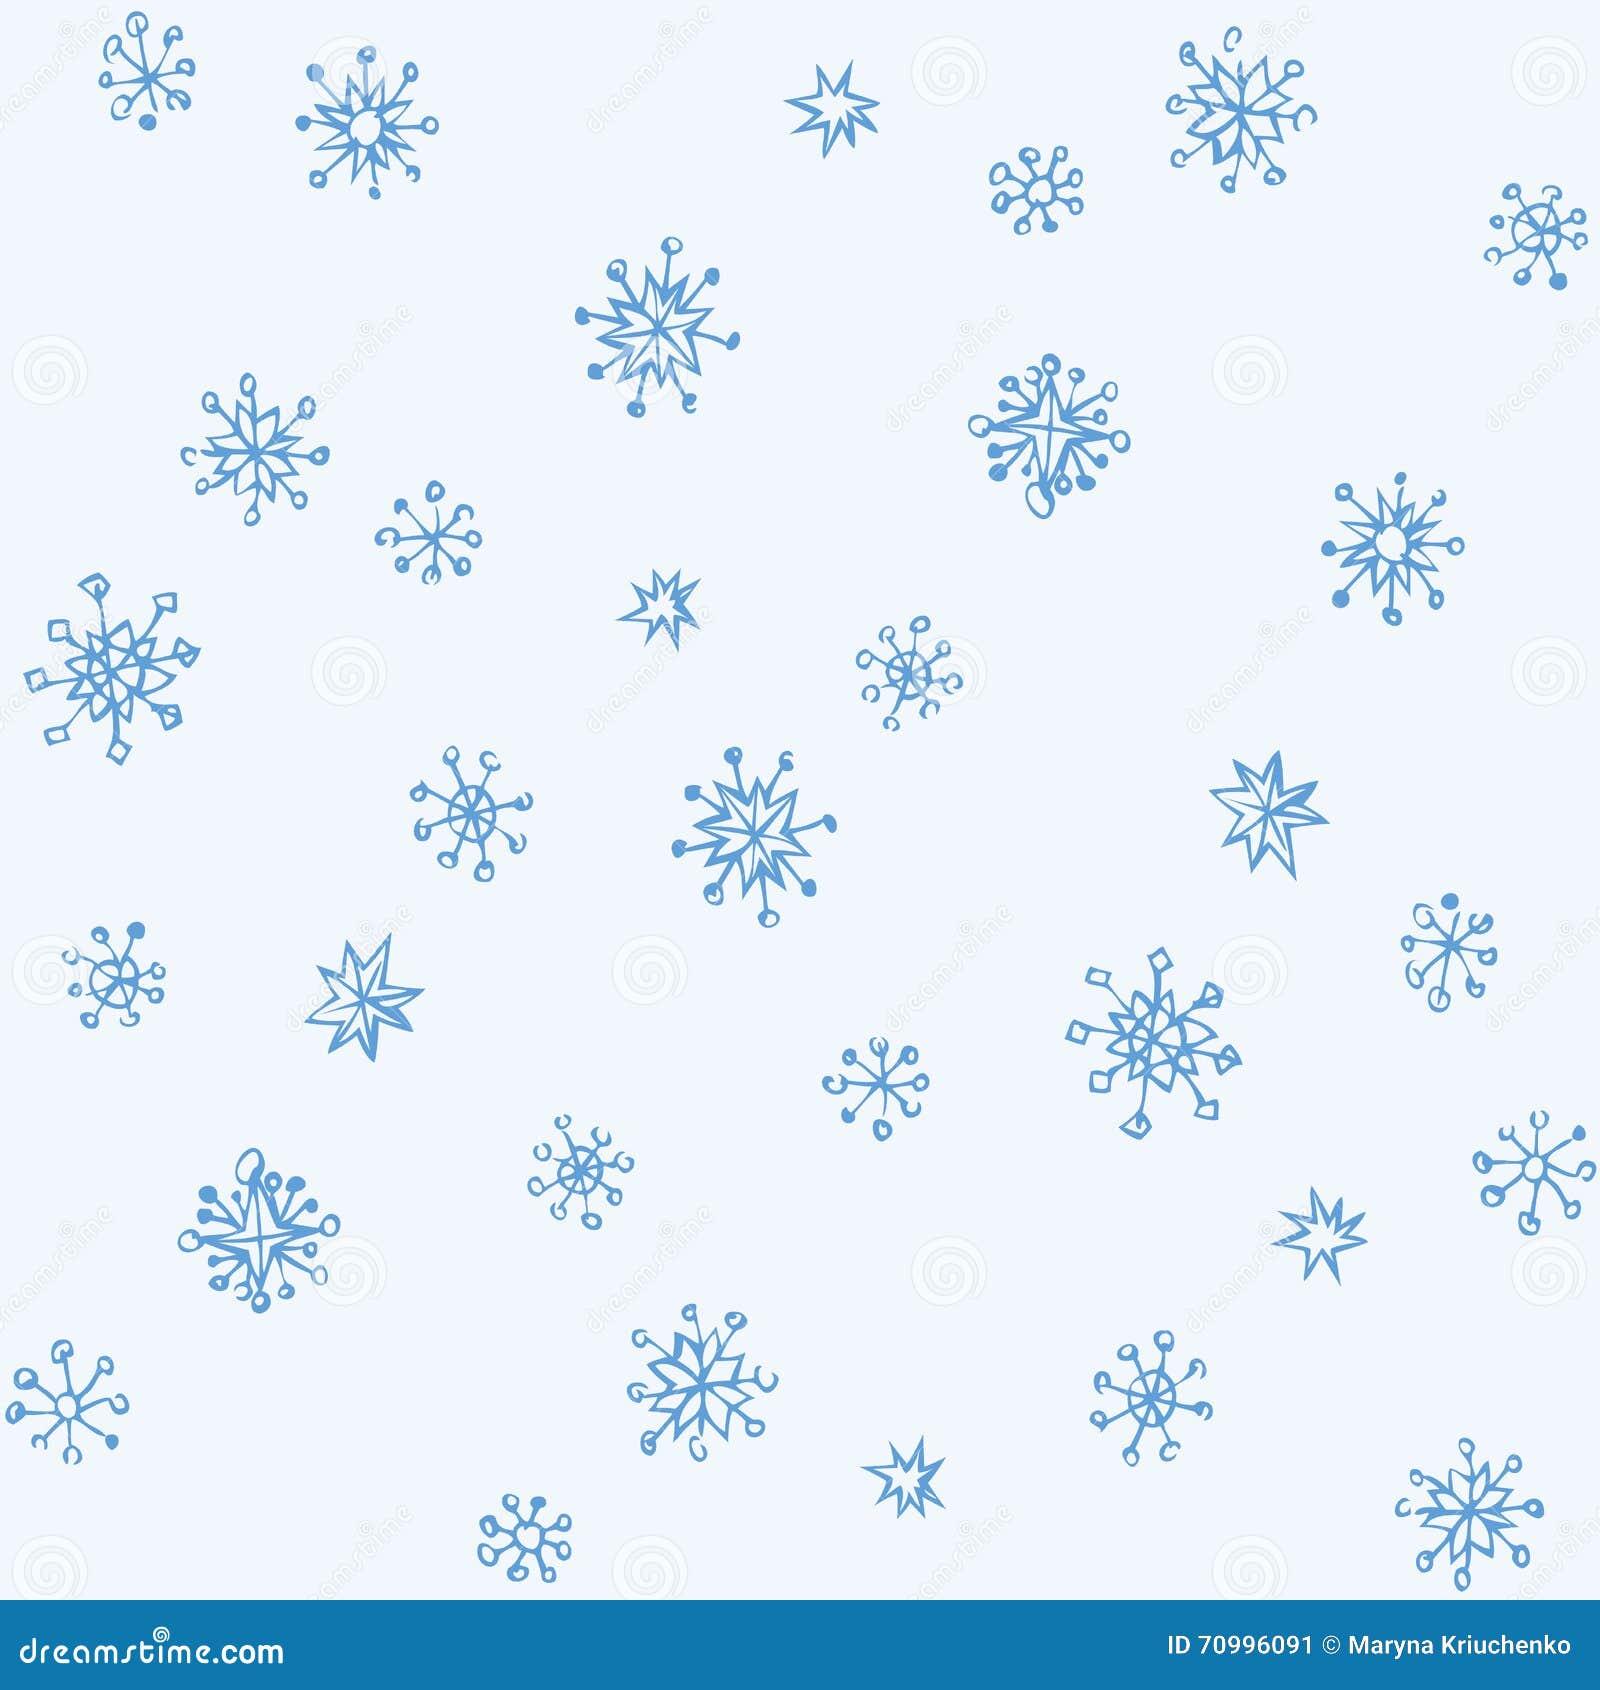 Pencil drawing snowflake sketch stock vector image 70996091 - Dessin flocon de neige simple ...